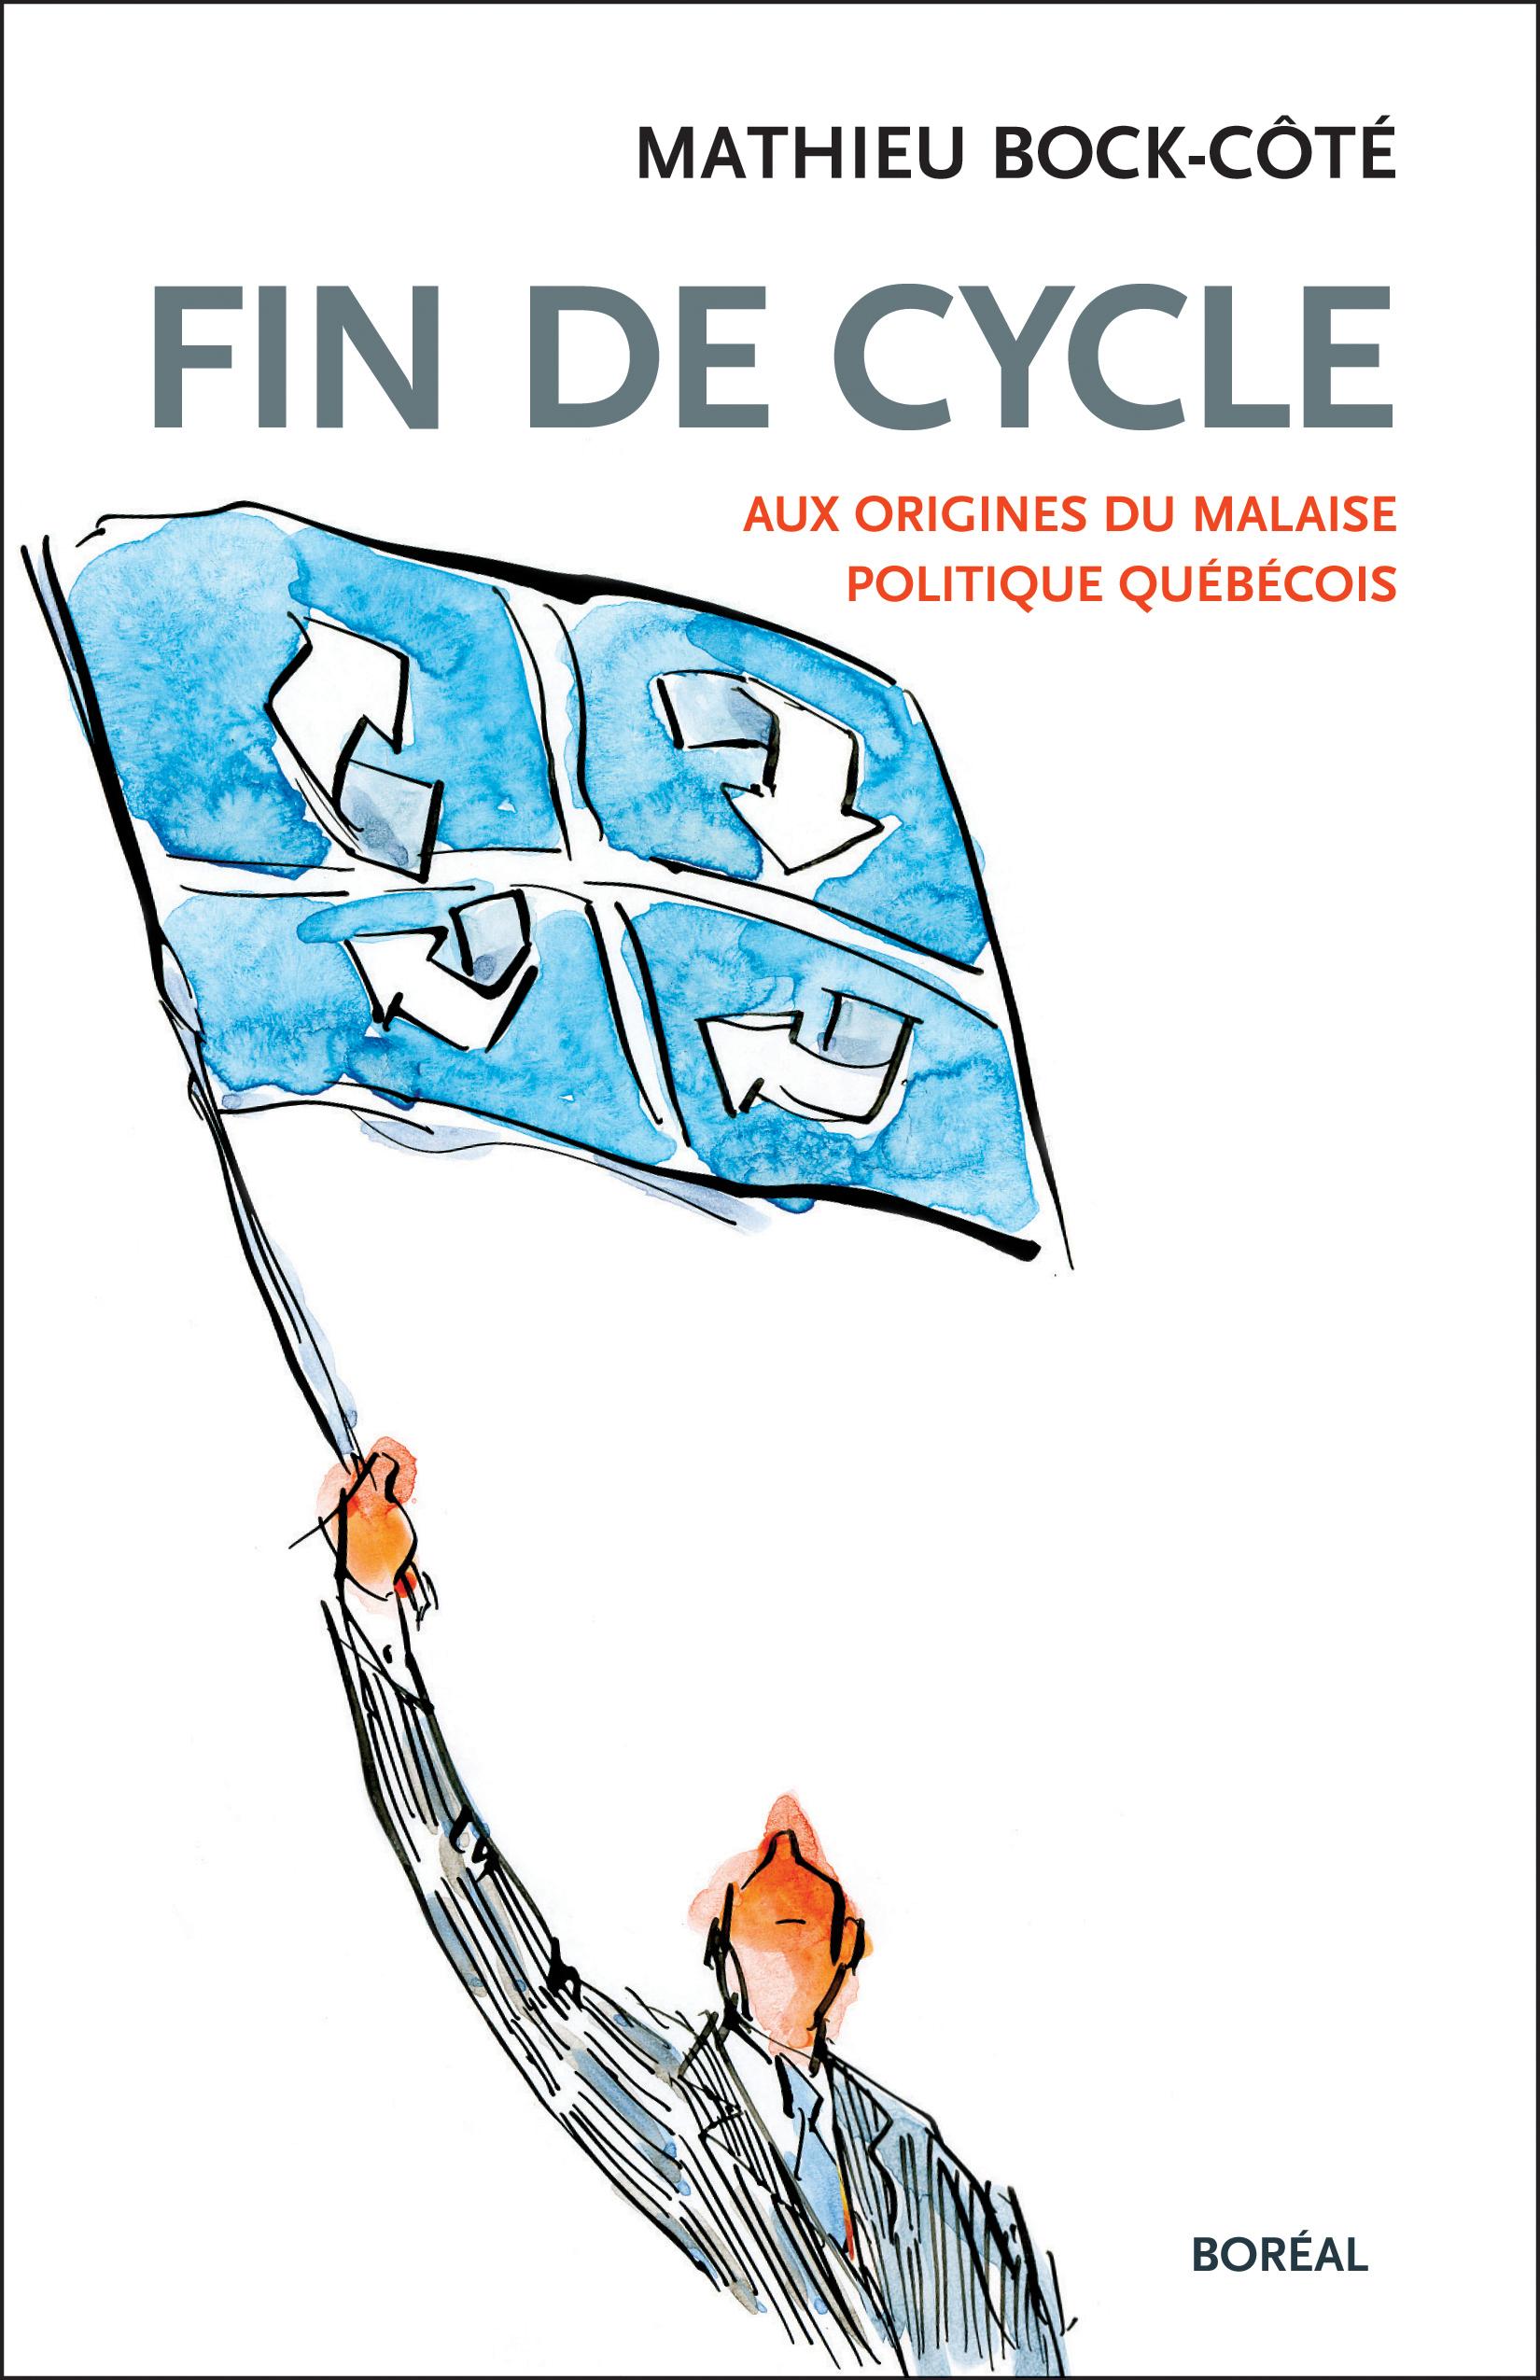 Couverture : Fin de cycle: Aux origines du malaise politique québécois Mathieu Bock-côté